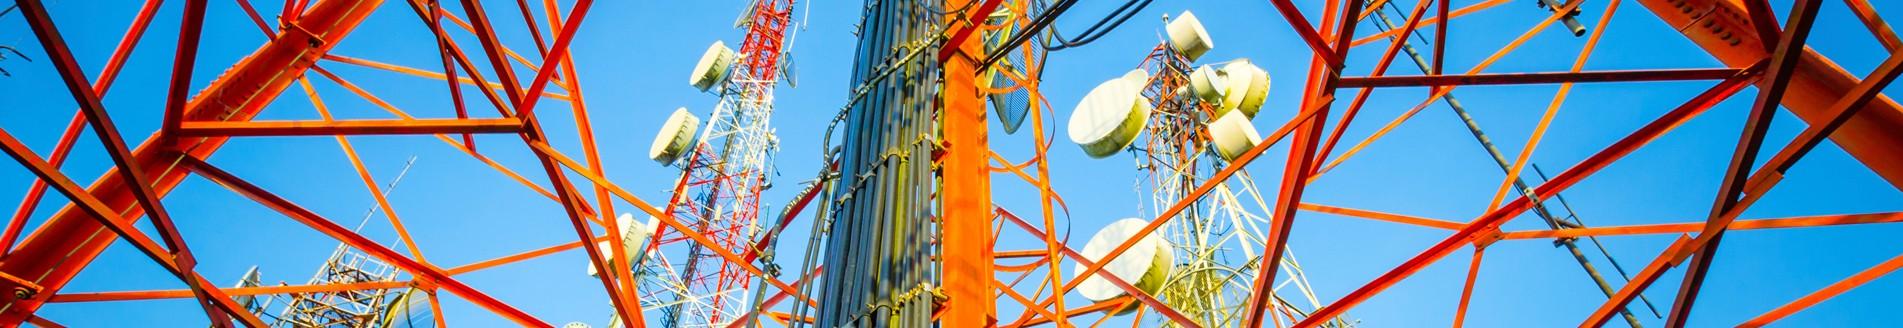 wireless-communications